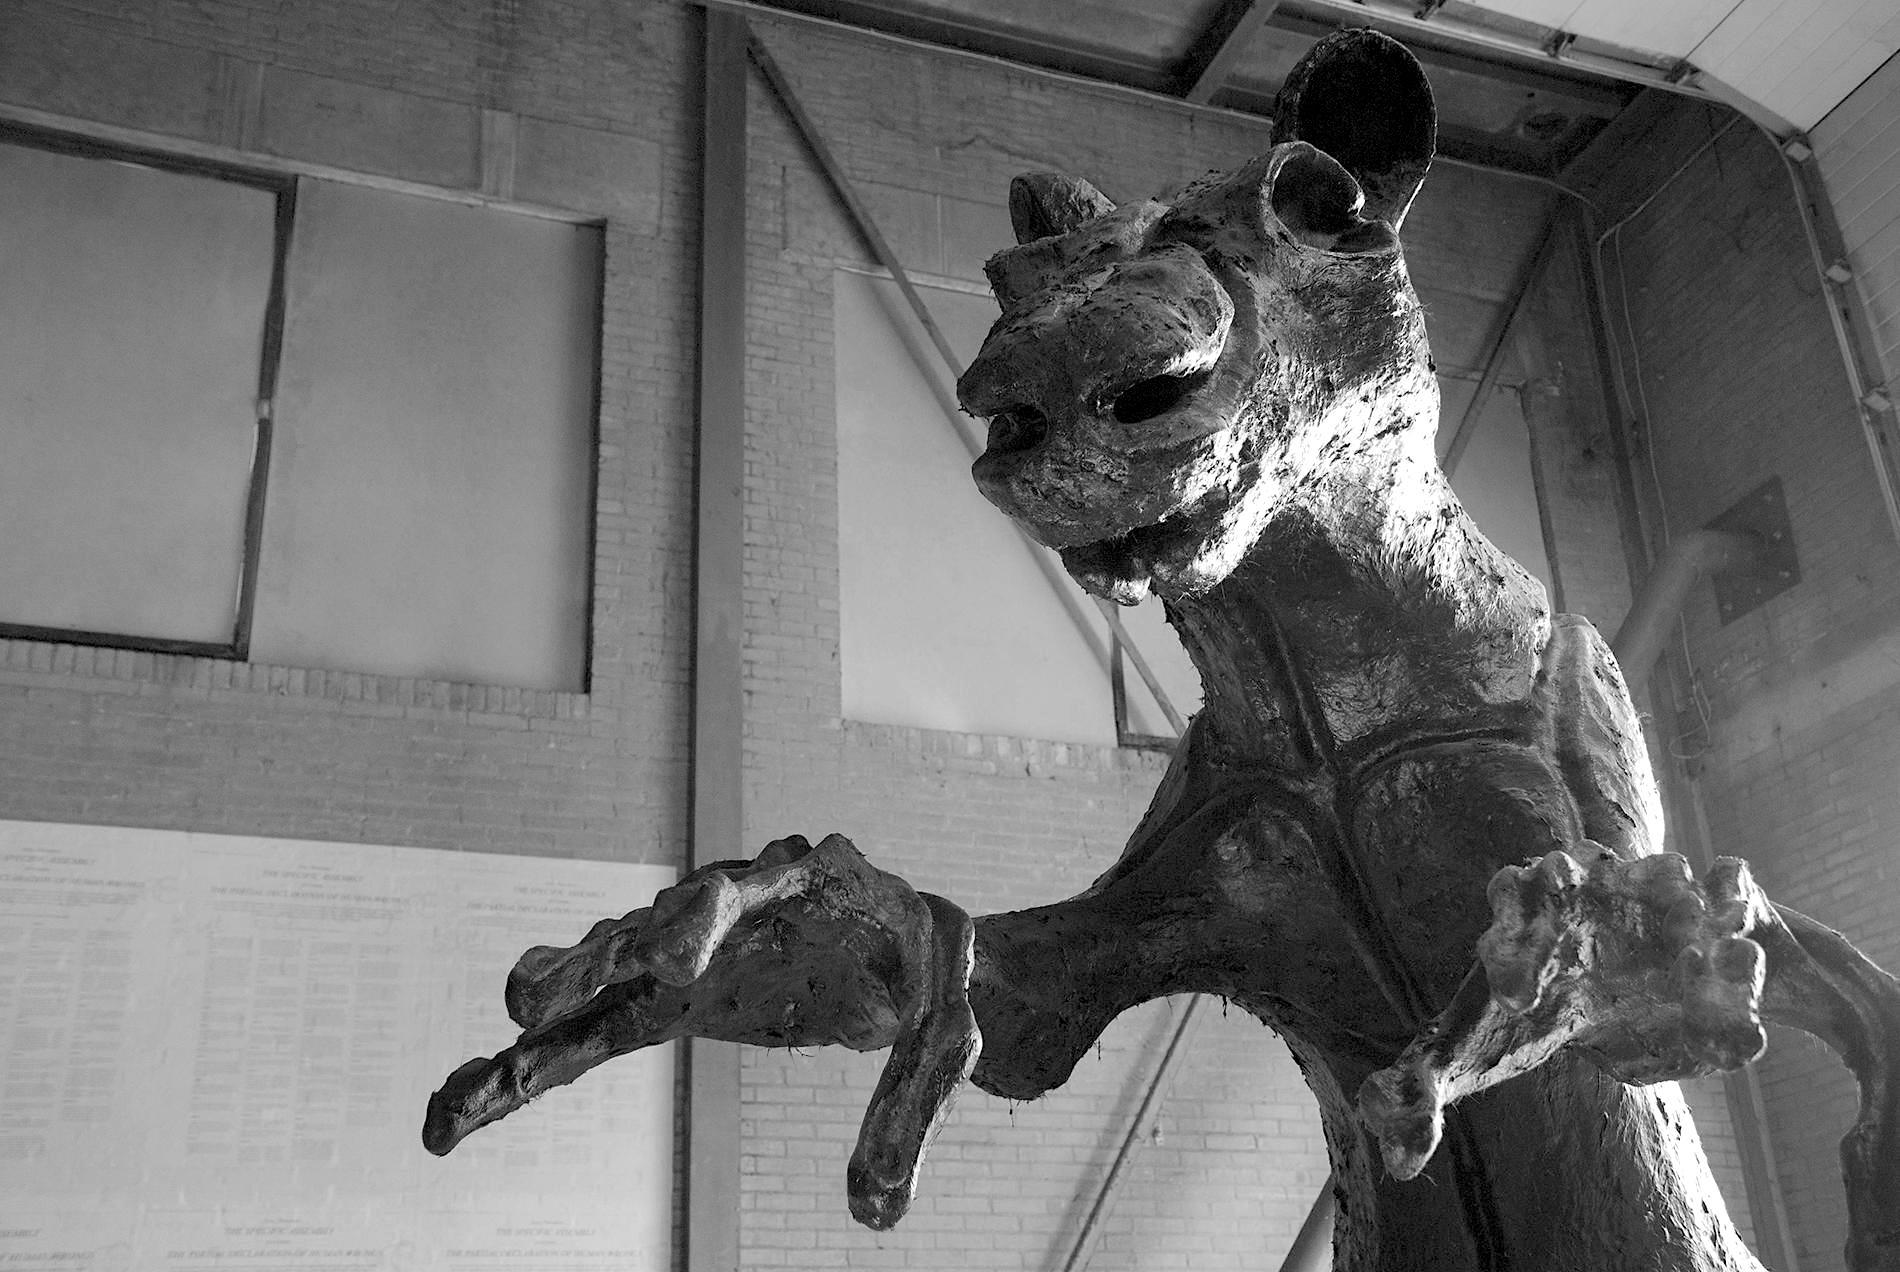 """Atelier Van Lieshout. Ratten sind ein immer wiederkehrendes Motiv in Van Lieshouts bildhauerischer Arbeit. """"Wir sehen an diesen Tieren gute und schlechte Charaktereigenschaften"""", erklärt eine Ateliermitarbeiterin. """"Die Mechanical Rat hier steht für Grausamkeit und Gier nach Macht. Ähnlichkeiten zu derzeitigen Machthabern sind aber rein zufällig."""""""